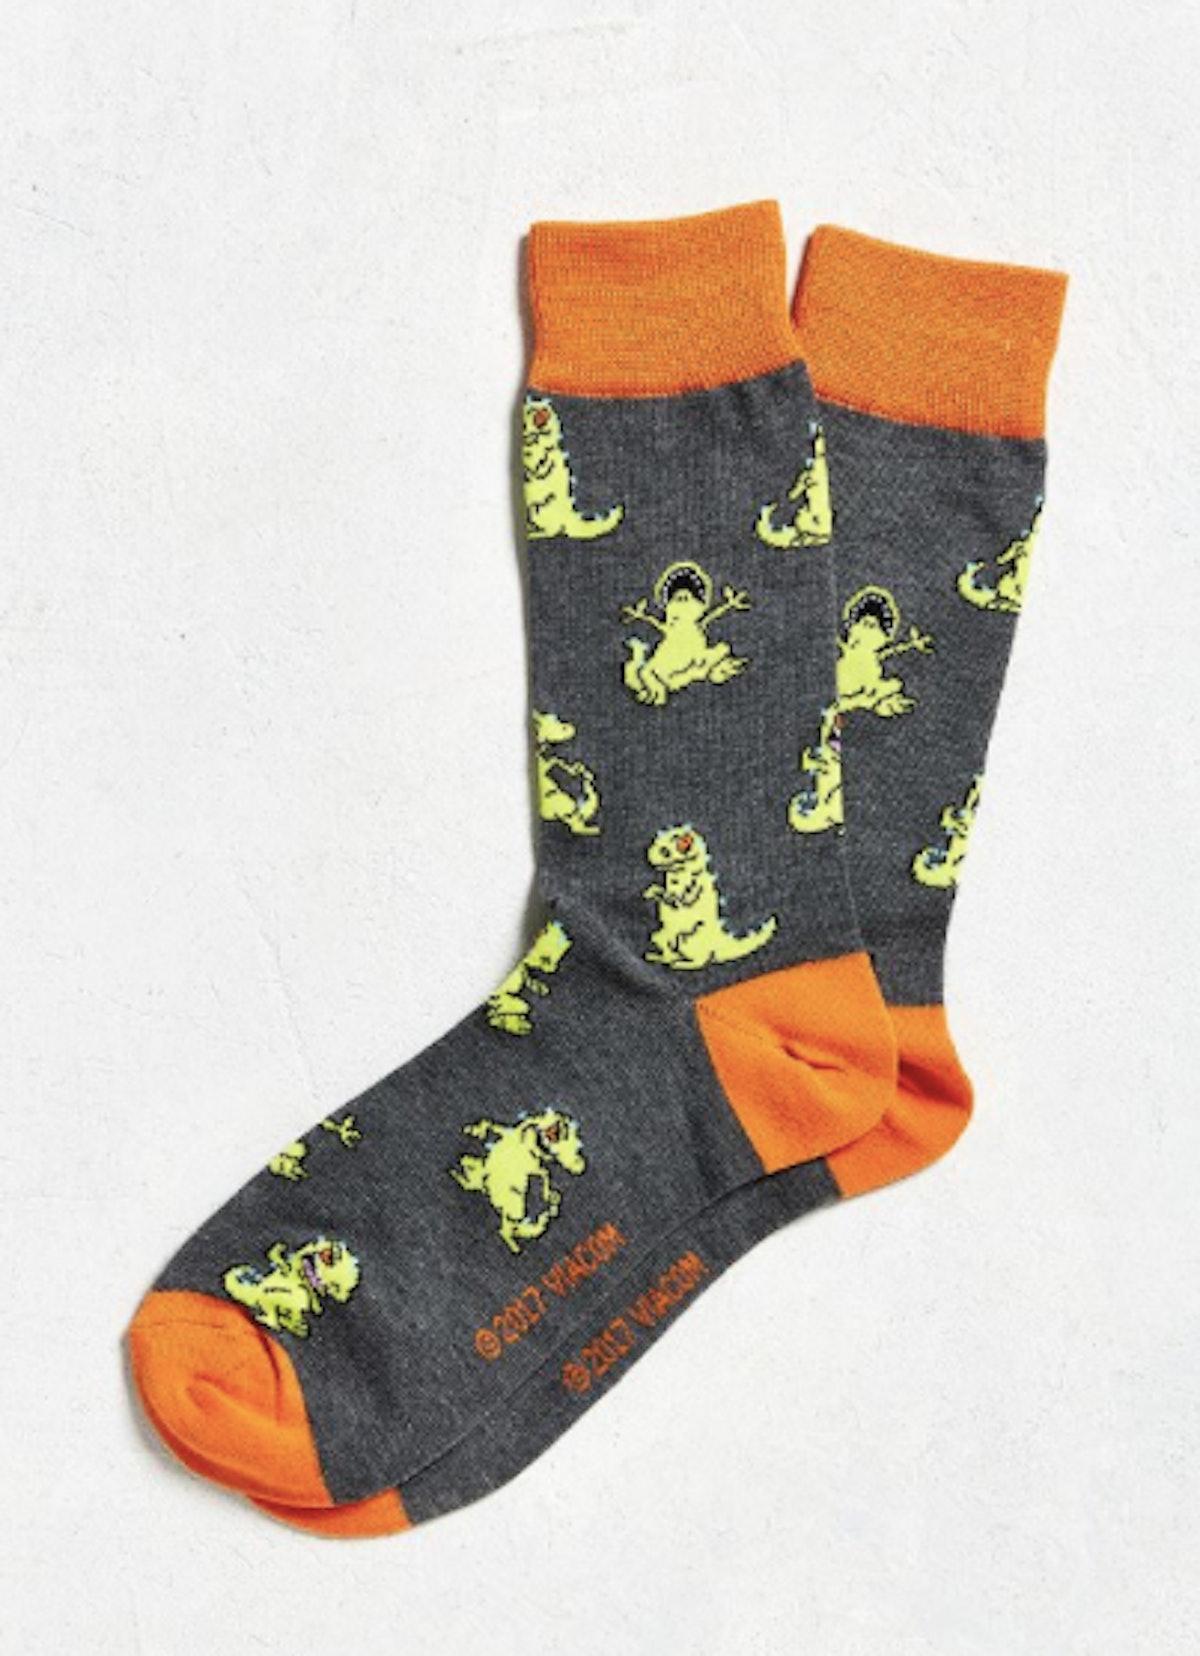 Reptar Sock